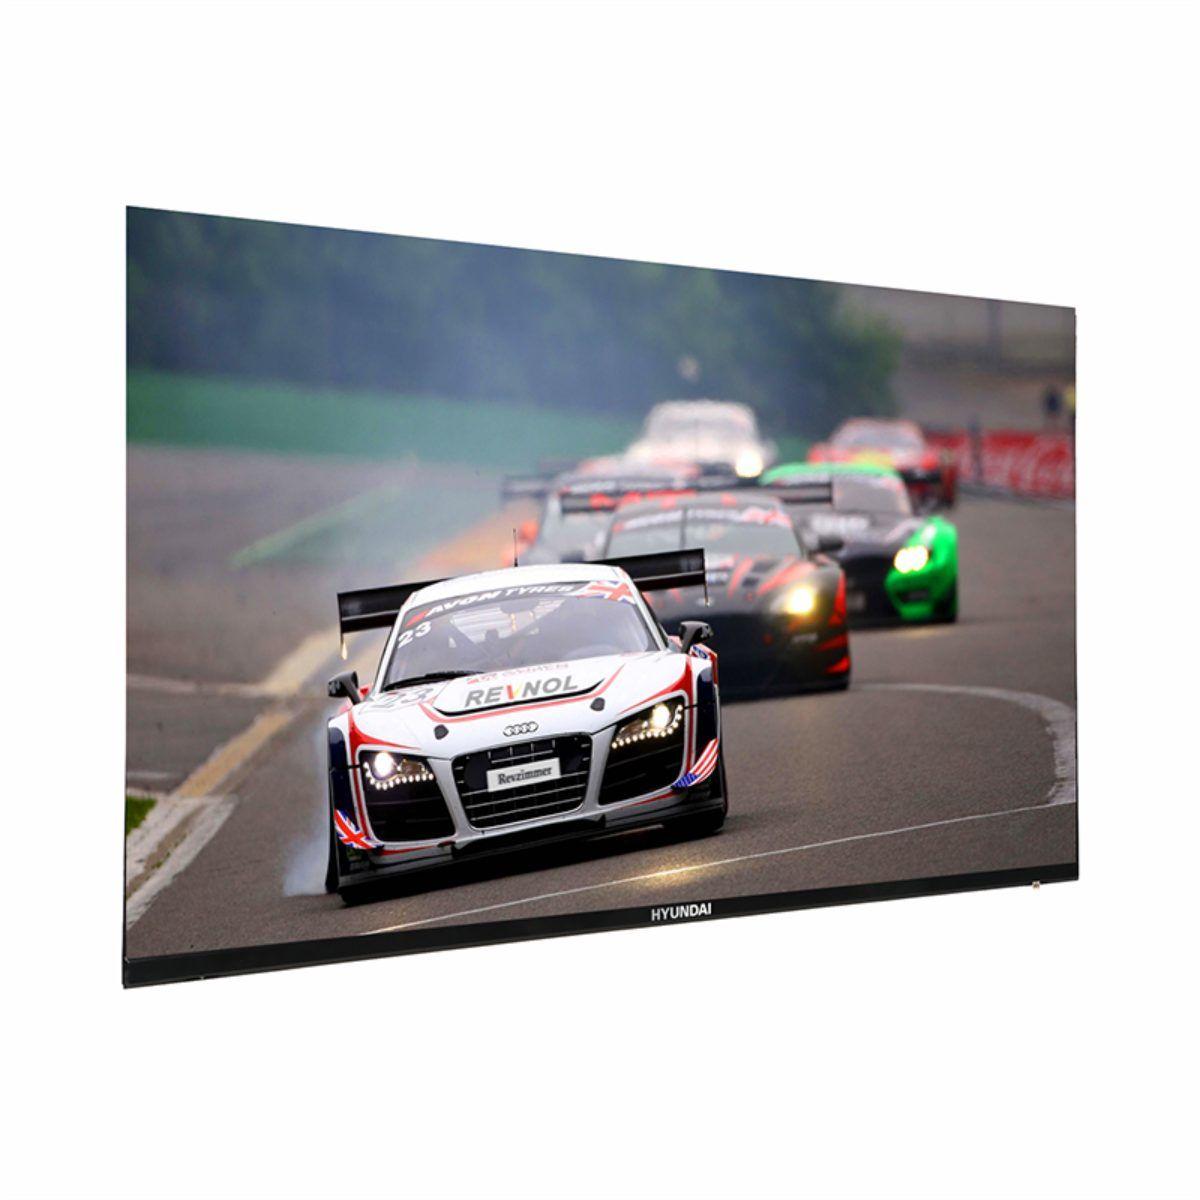 Hyundai Frameless 43-inches 4K LED TV